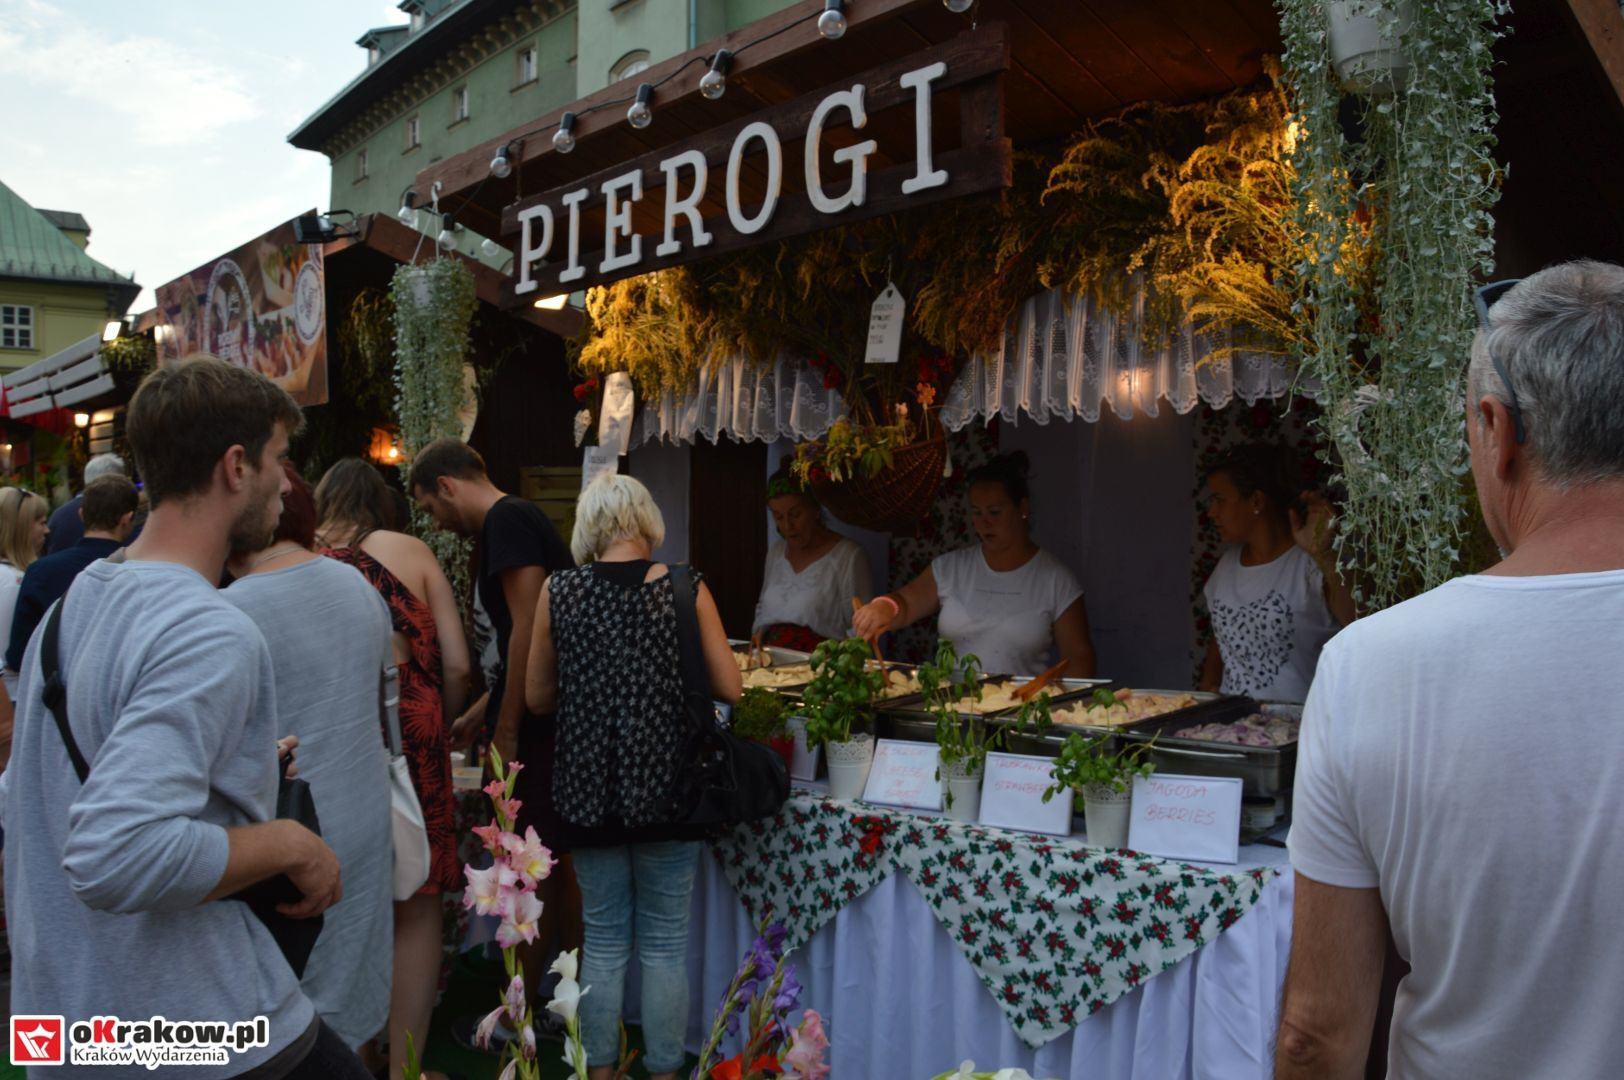 krakow festiwal pierogow maly rynek koncert cheap tobacco 22 150x150 - Galeria zdjęć Festiwal Pierogów Kraków 2018 + zdjęcia z koncertu Cheap Tobacco